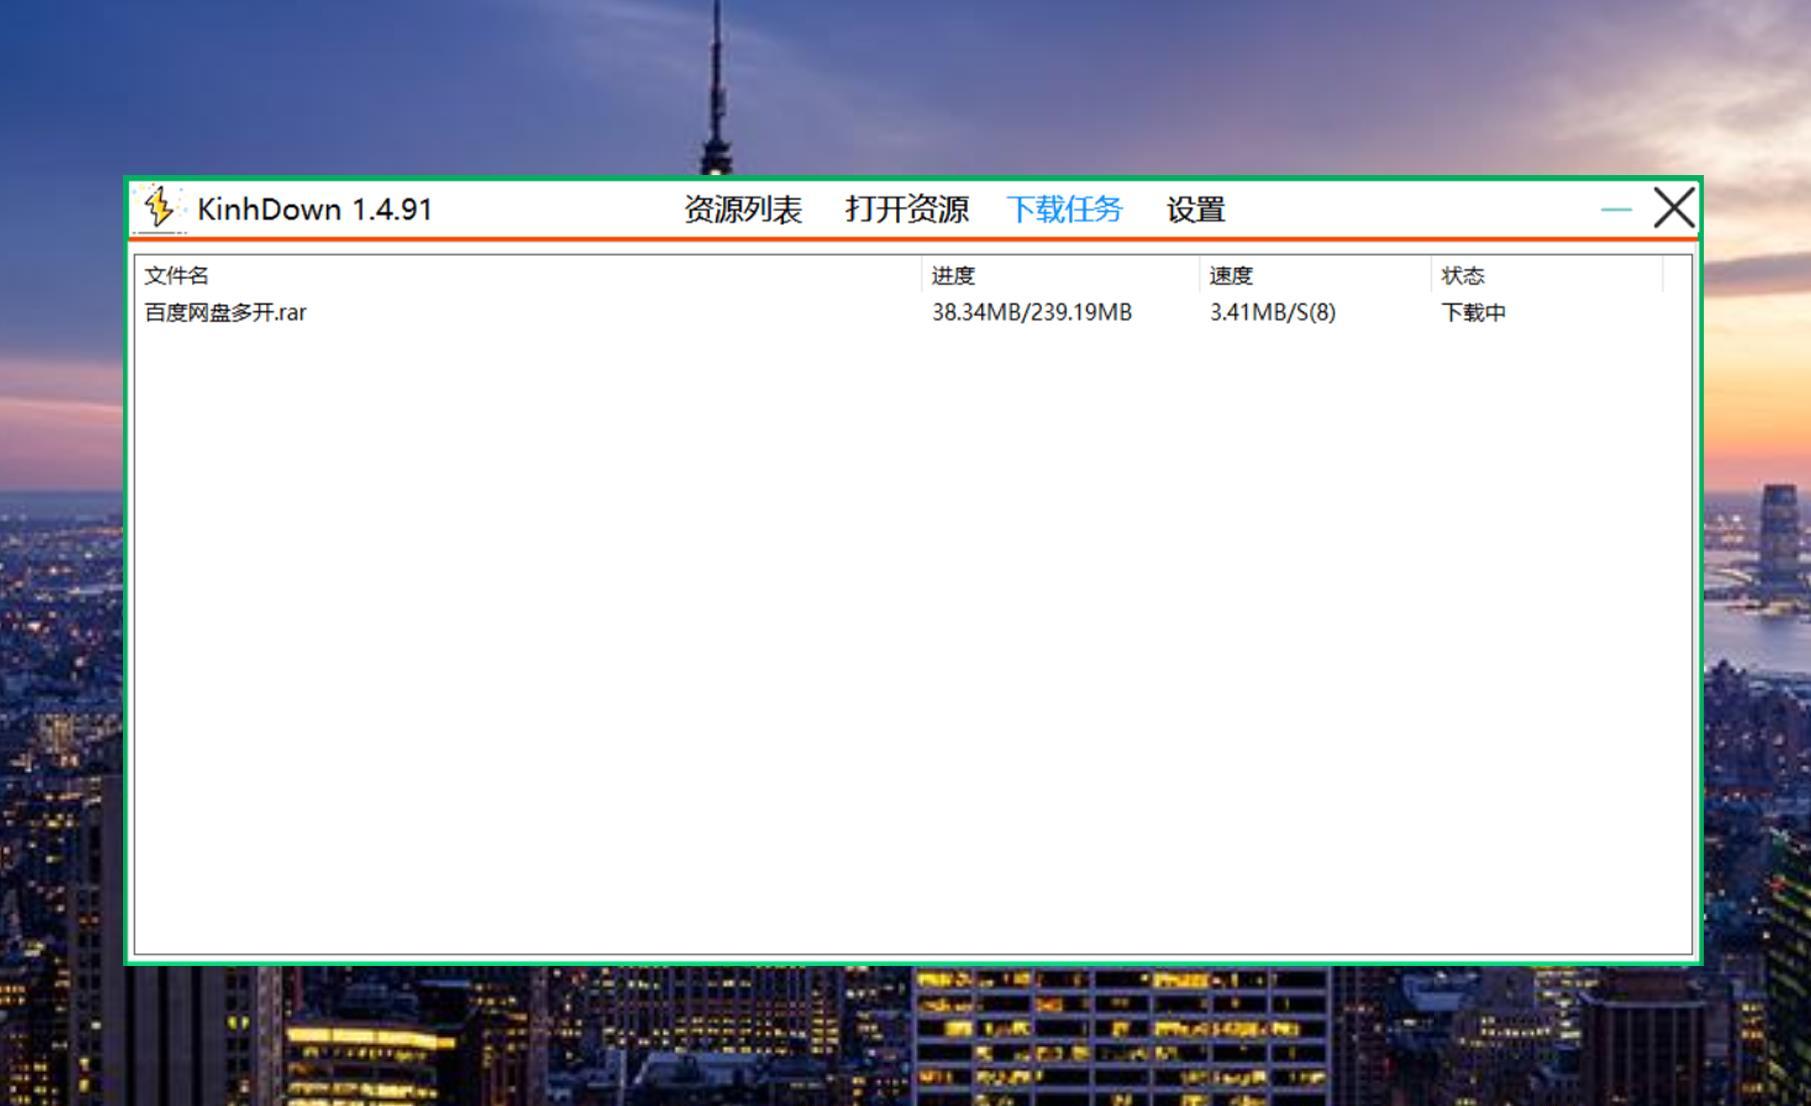 百度高速下载器 KinhDown v1.4.91